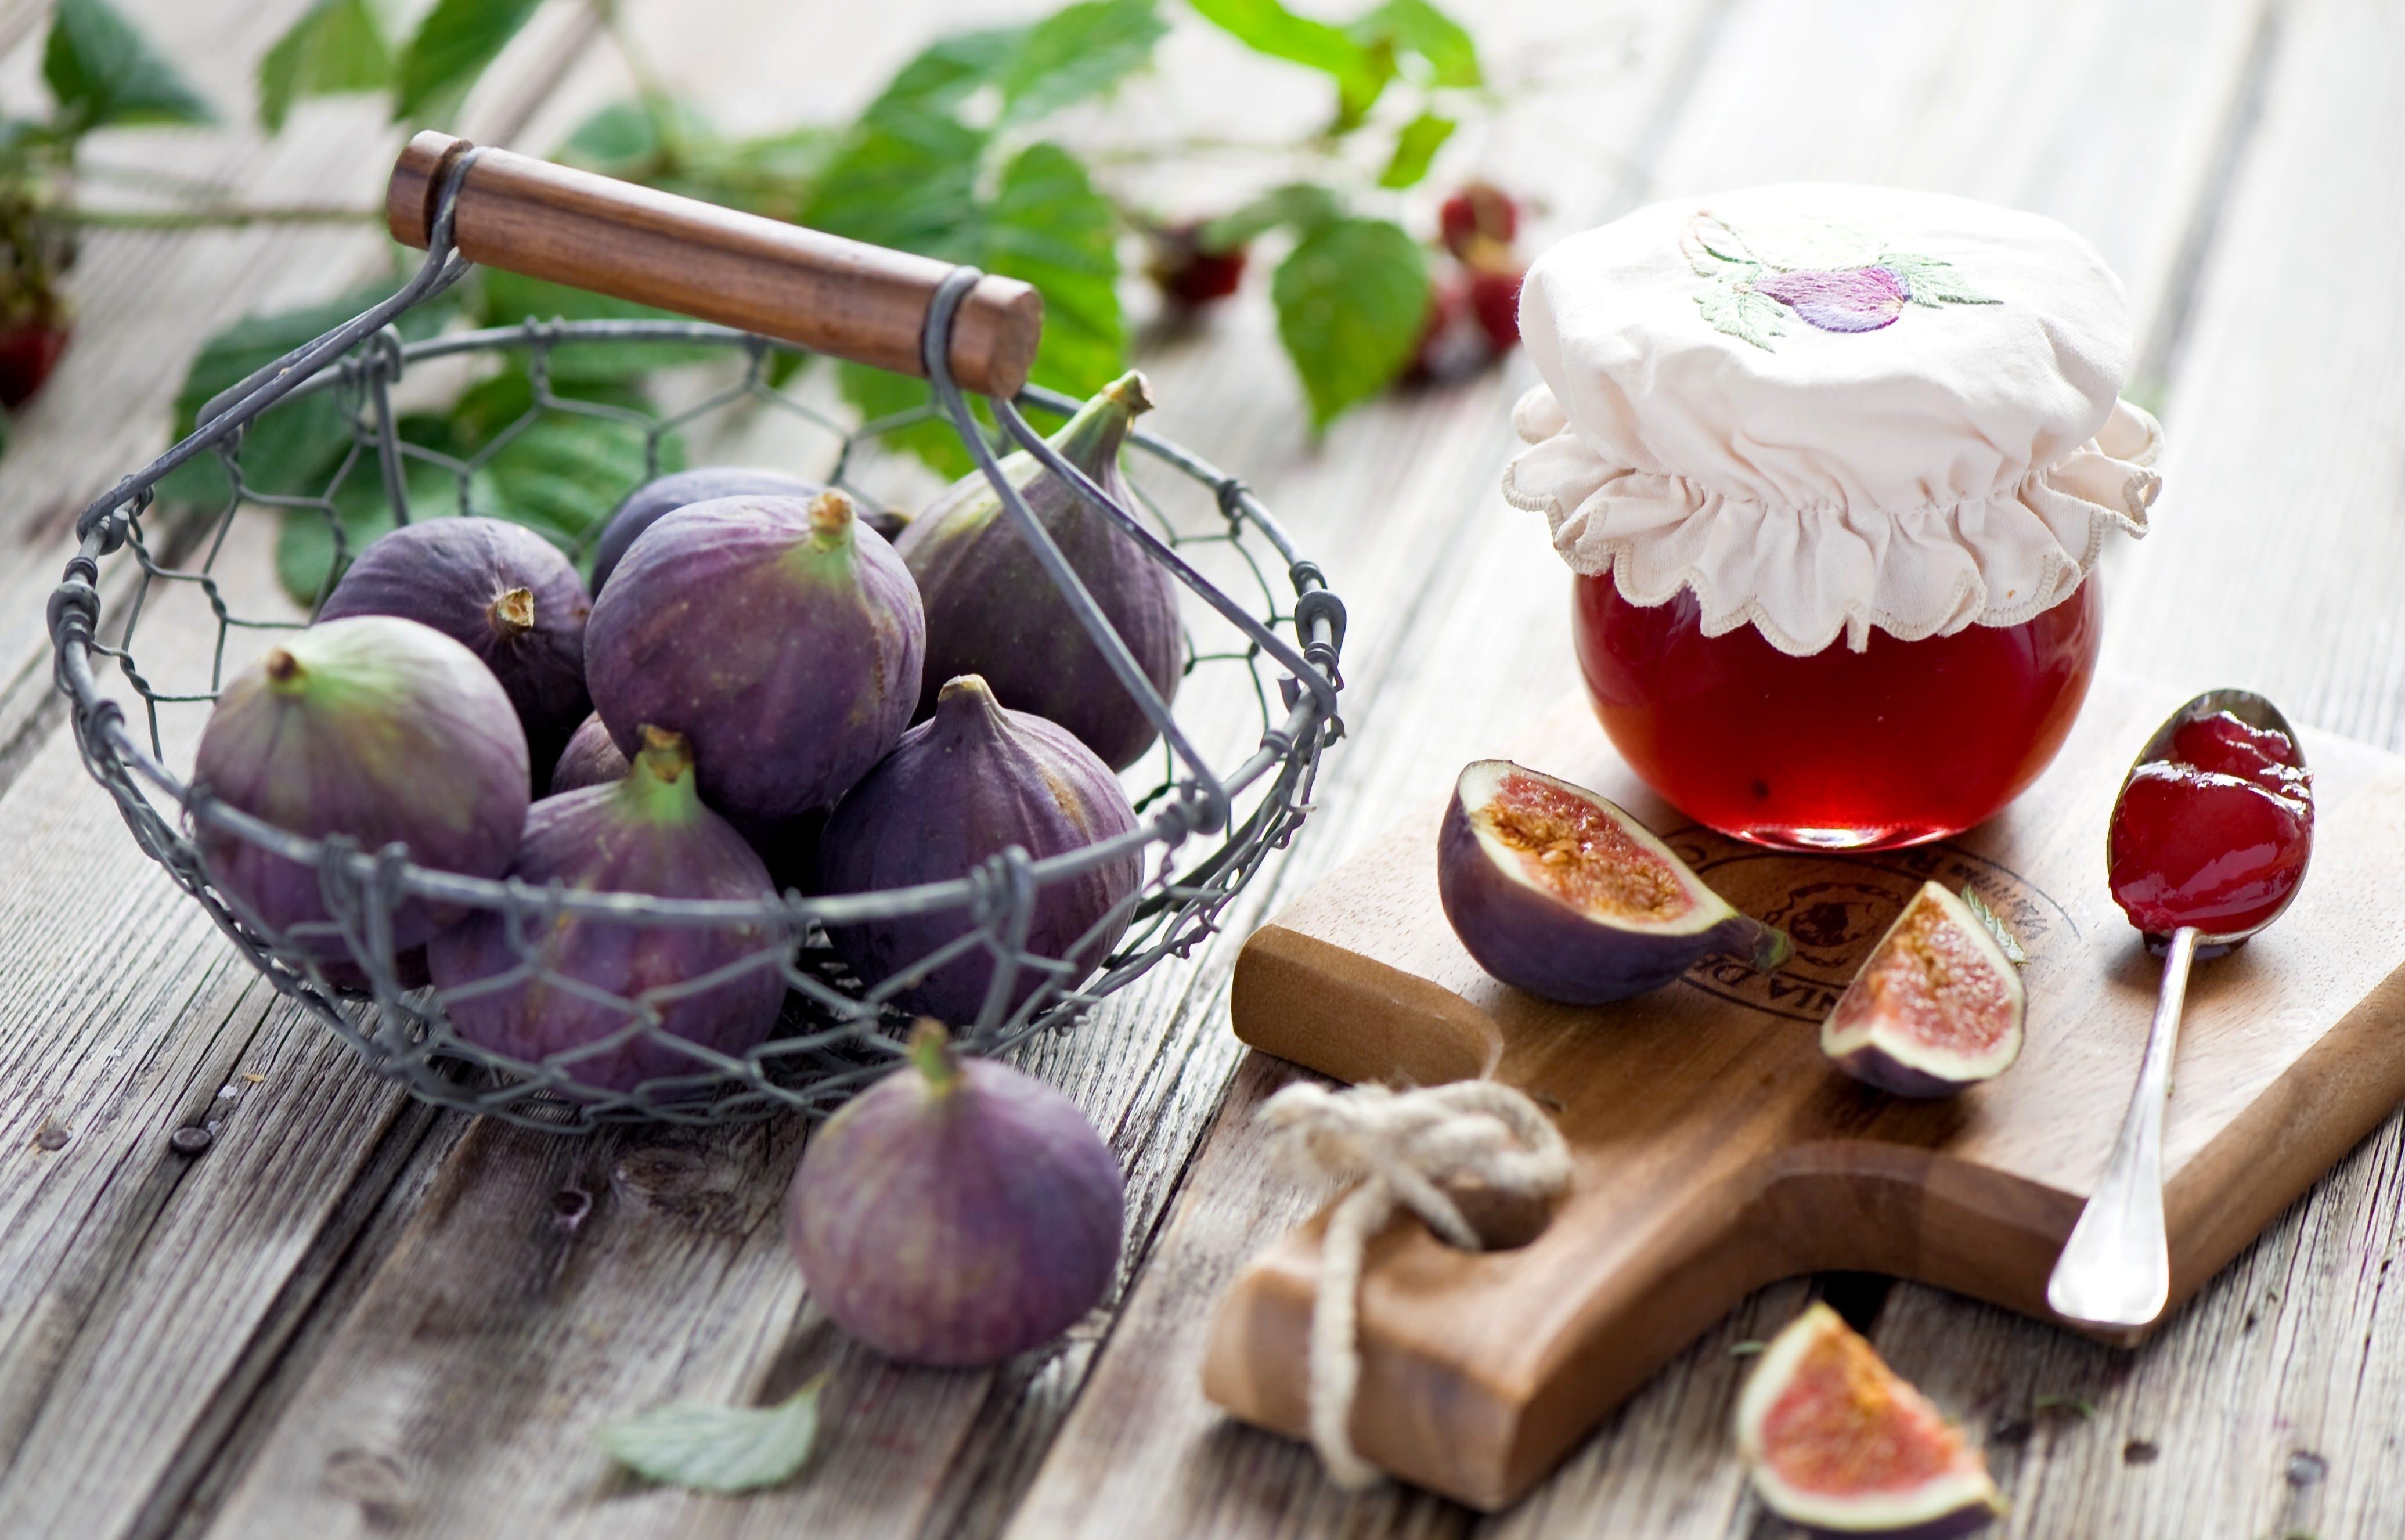 еда чай пирожные виноград скачать